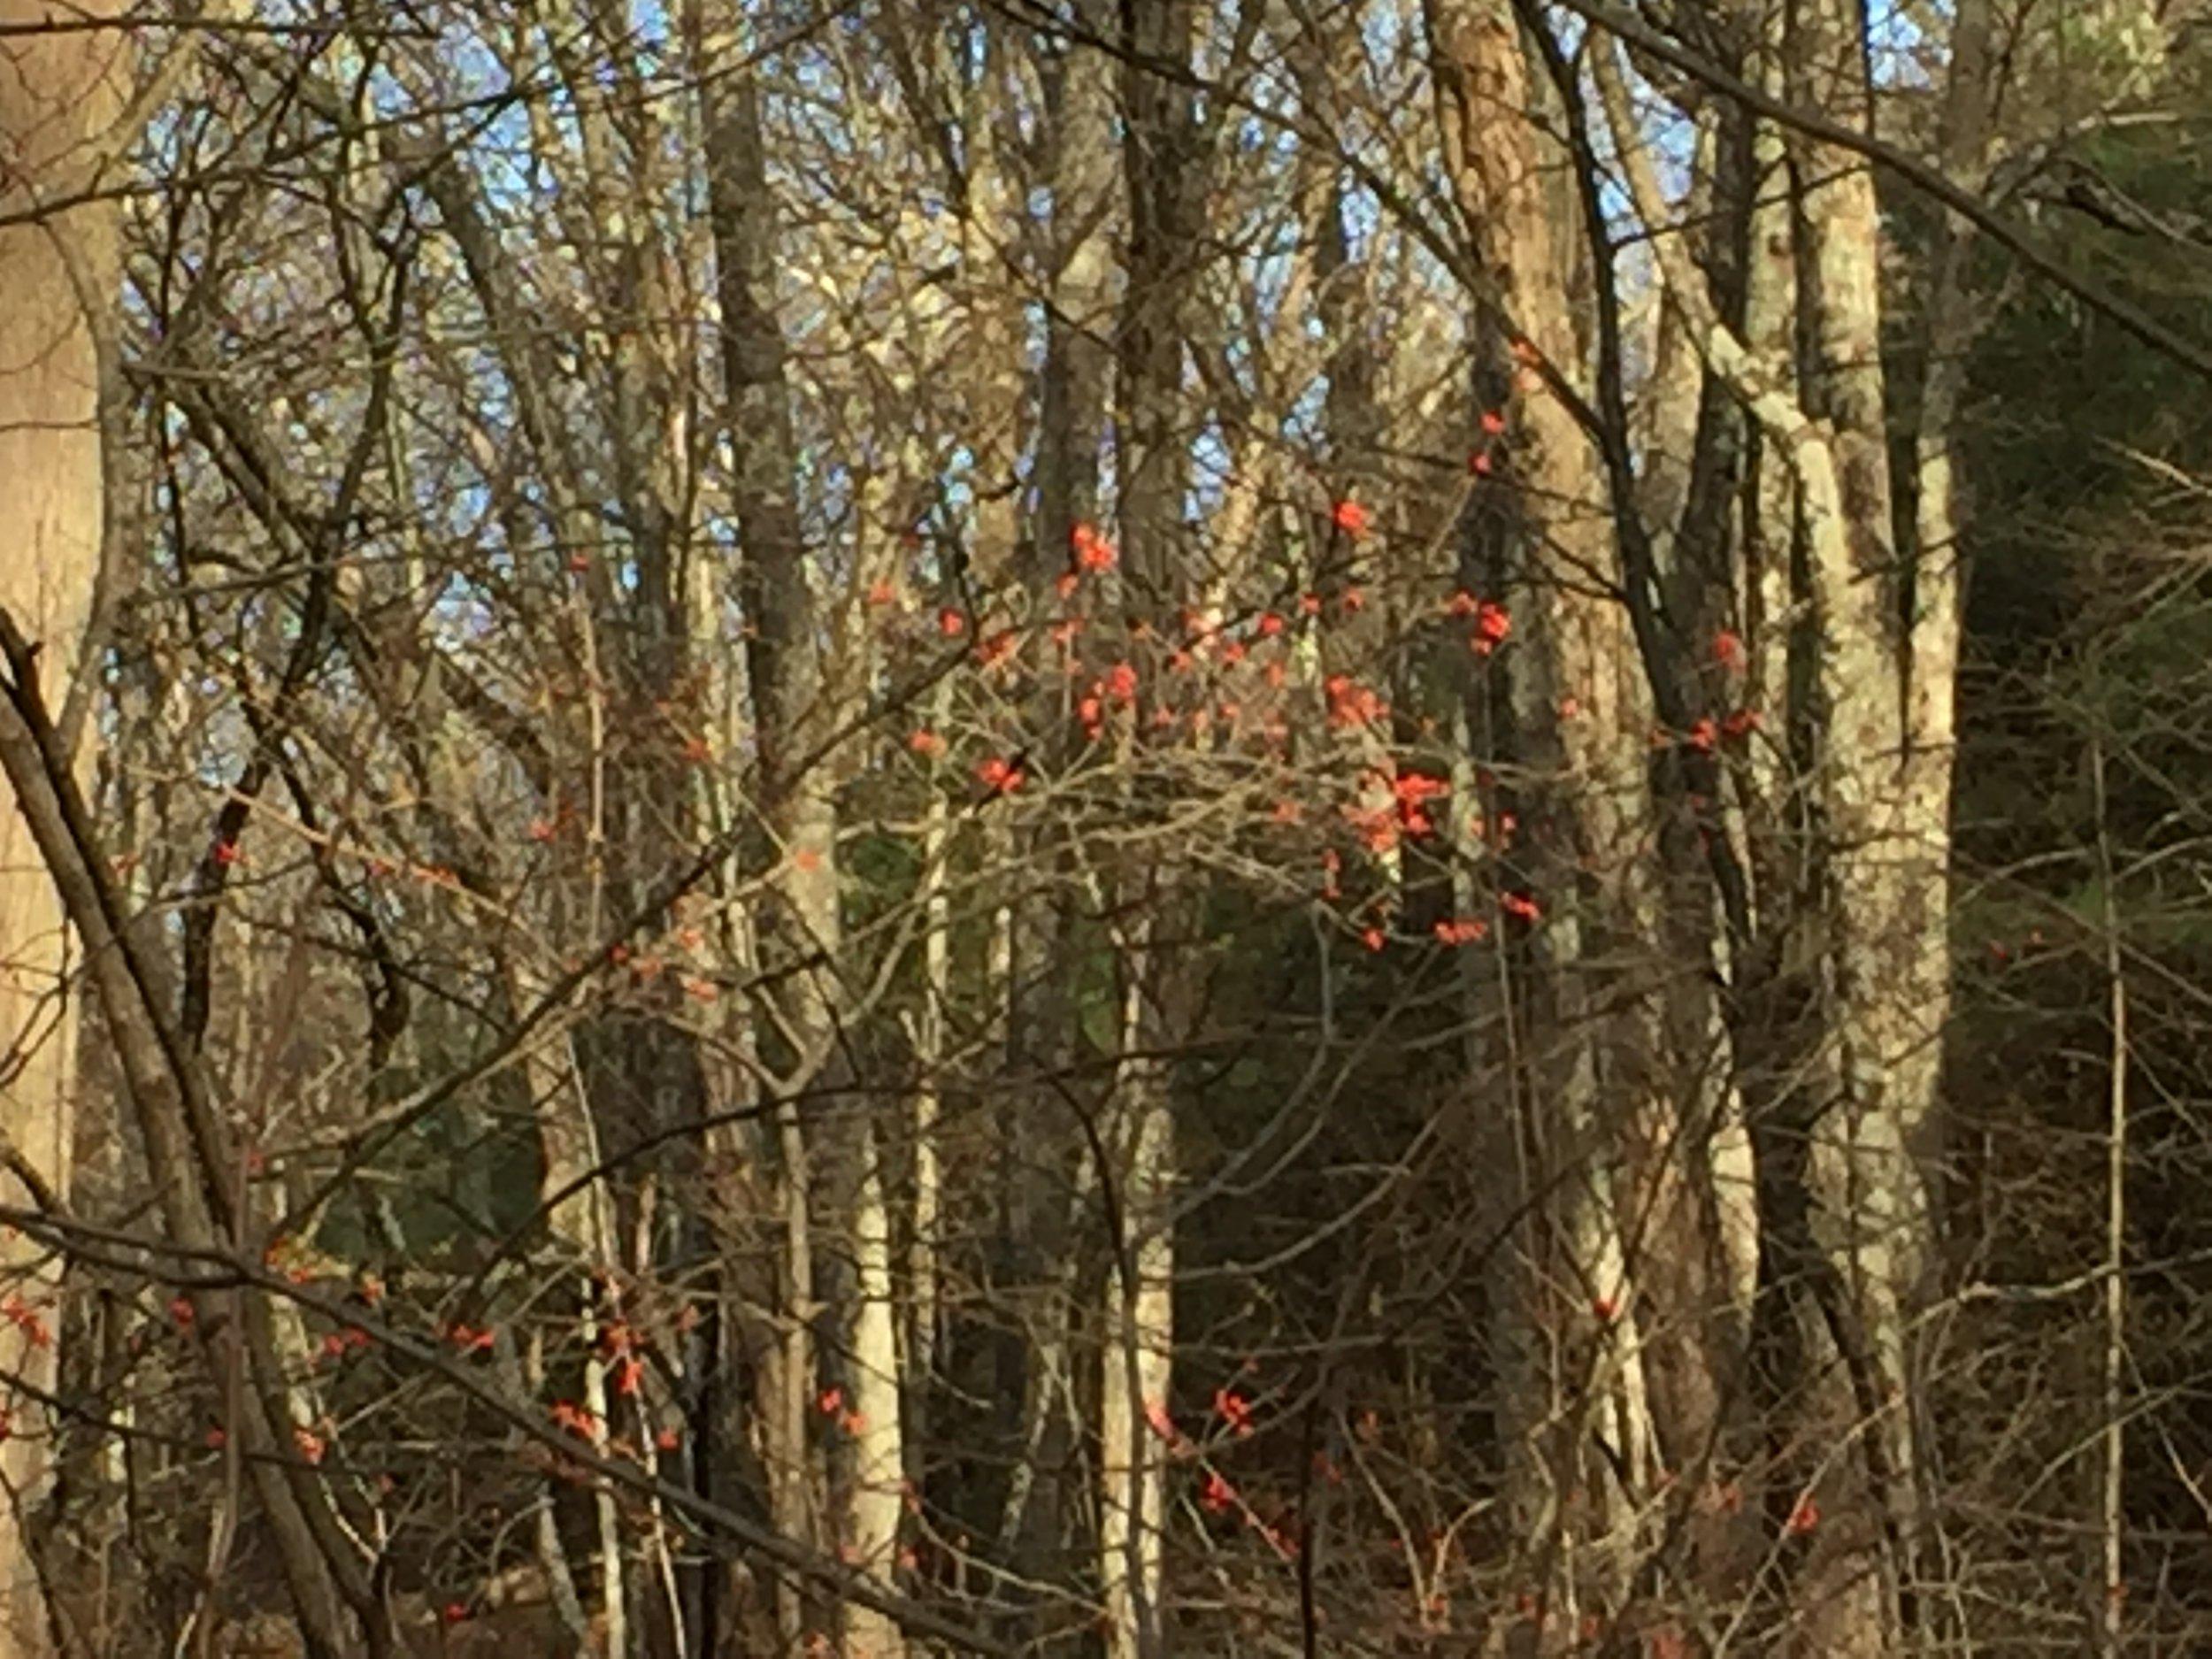 December Berries 2.JPG